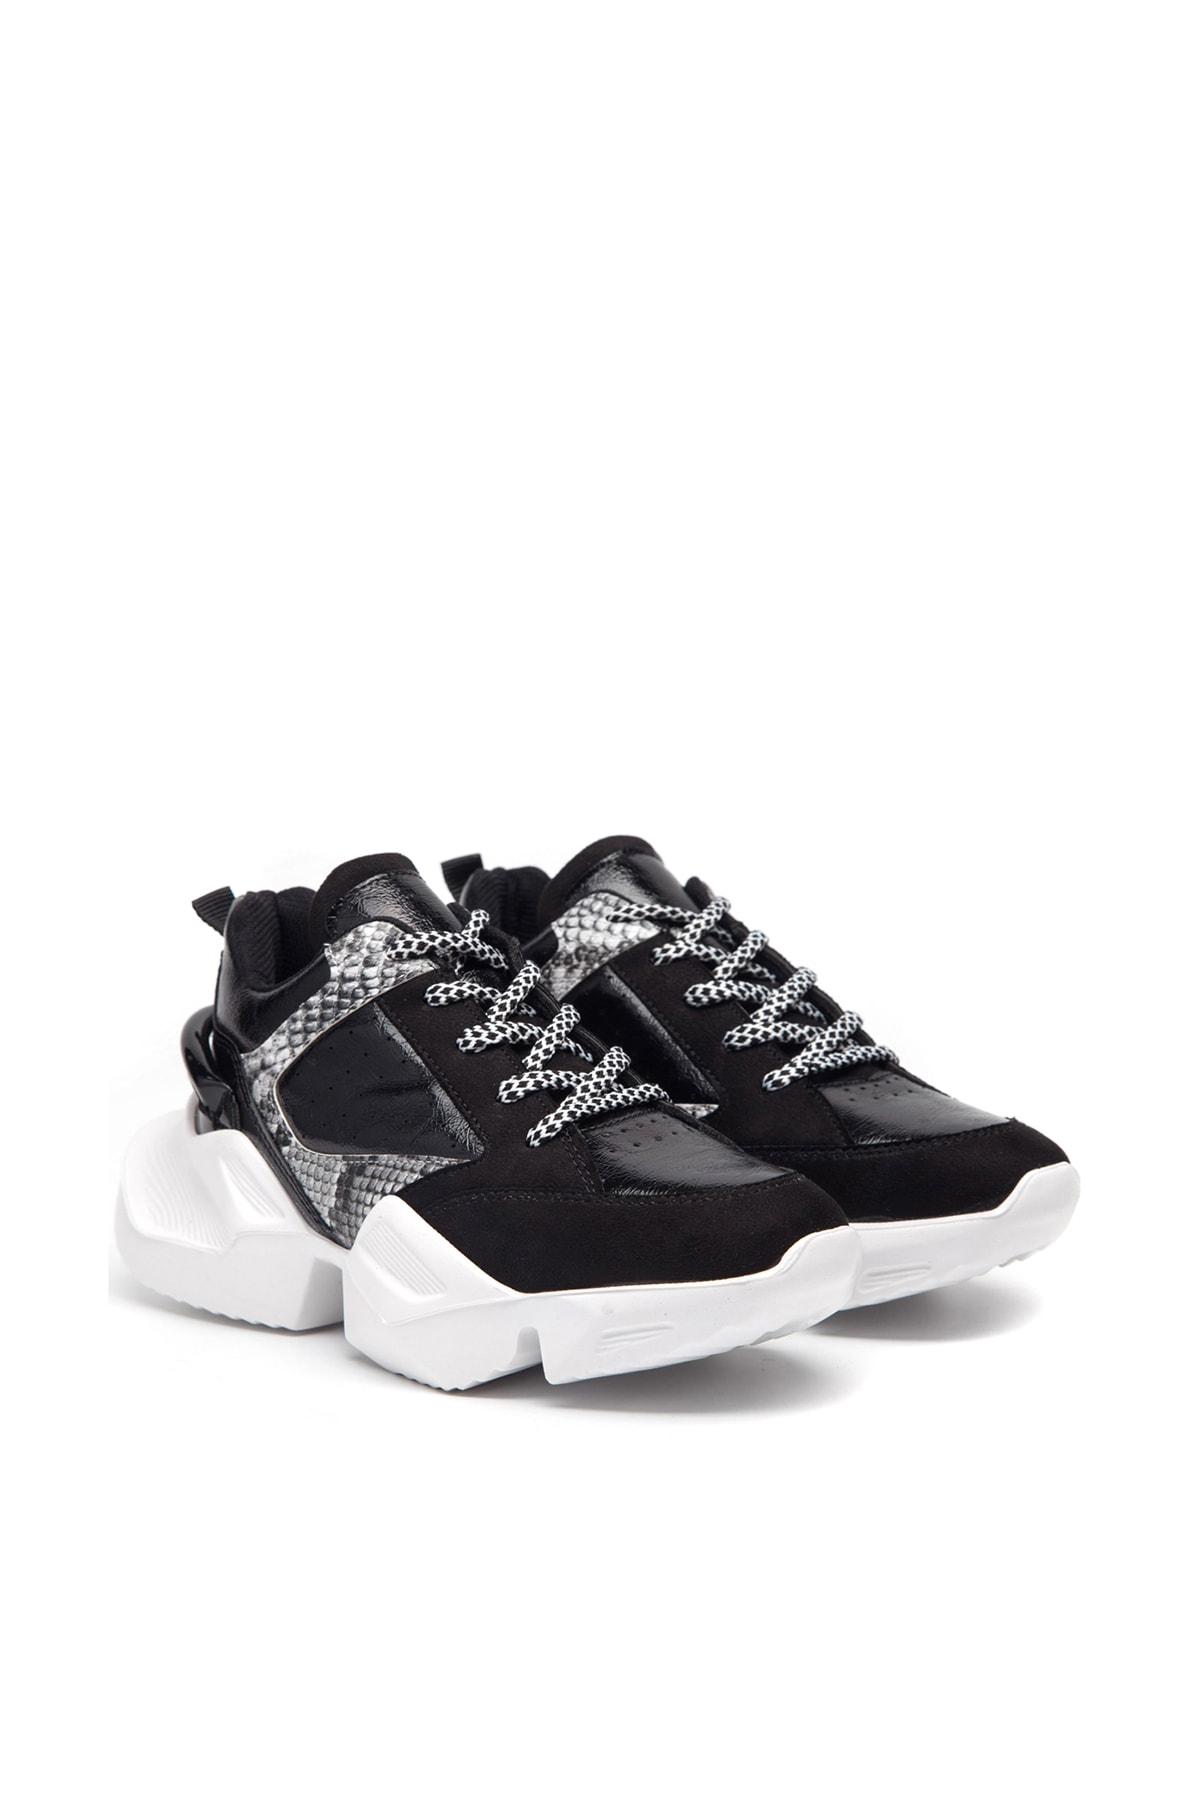 Jeep Siyah Kadın Spor Ayakkabı 9K2SAJ0141 2